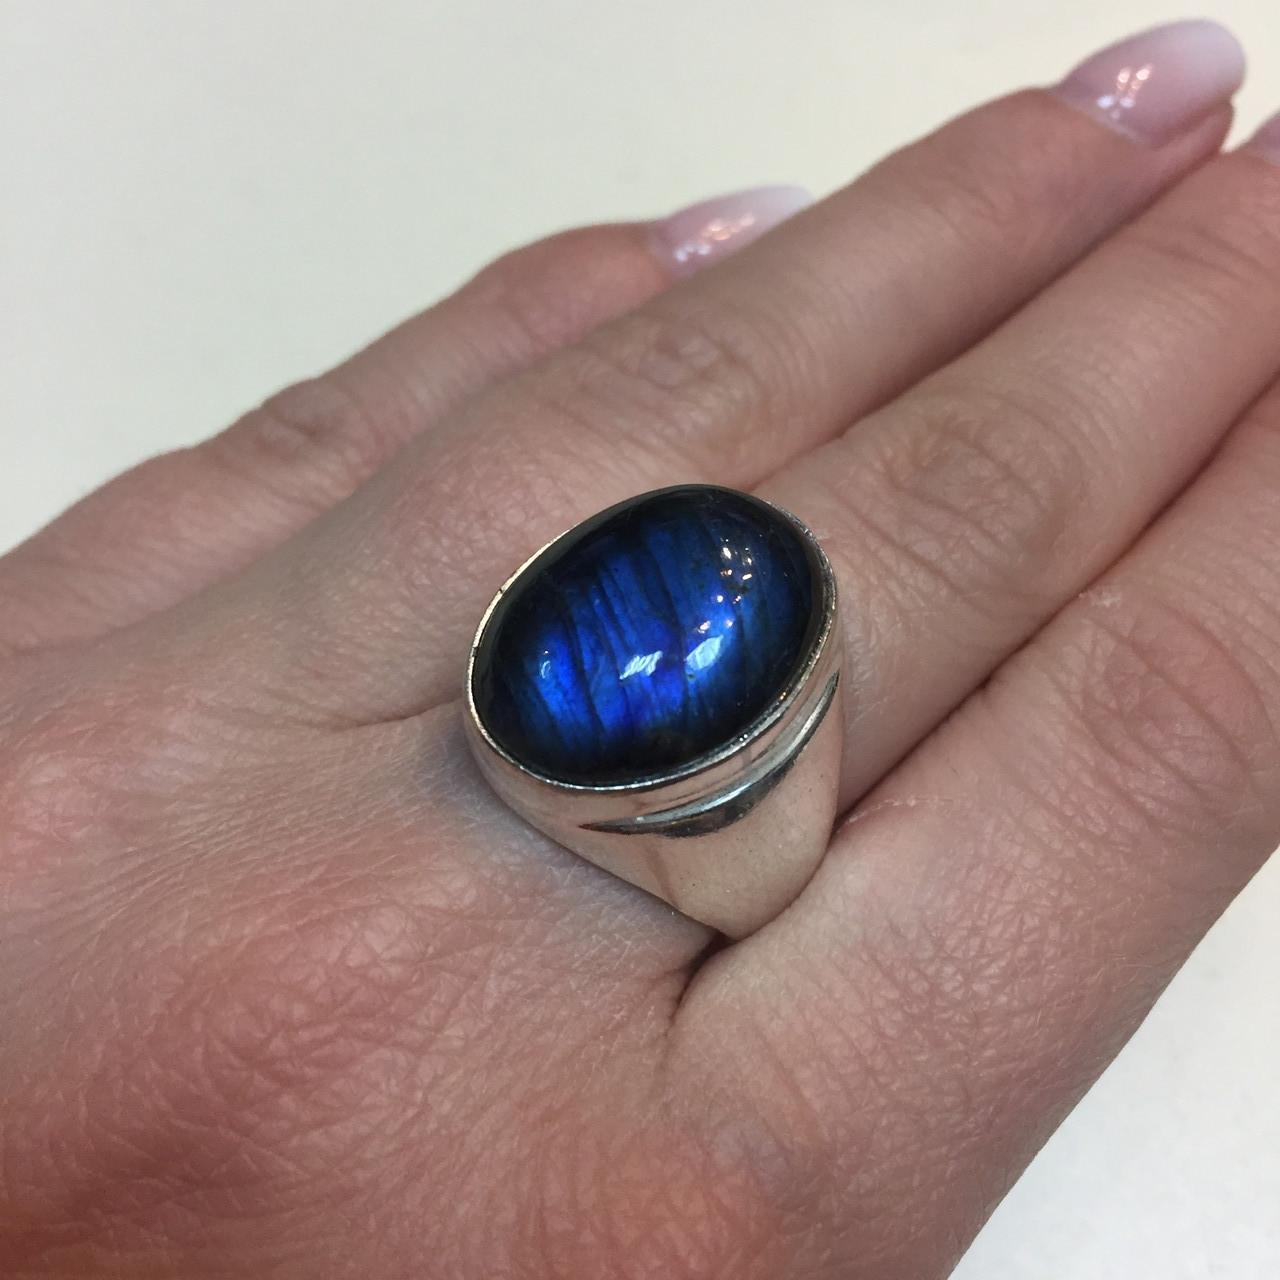 Лабрадор кольцо овальное с камнем лабрадор в серебре. Кольцо с синим лабрадором размер 18,5 Индия!